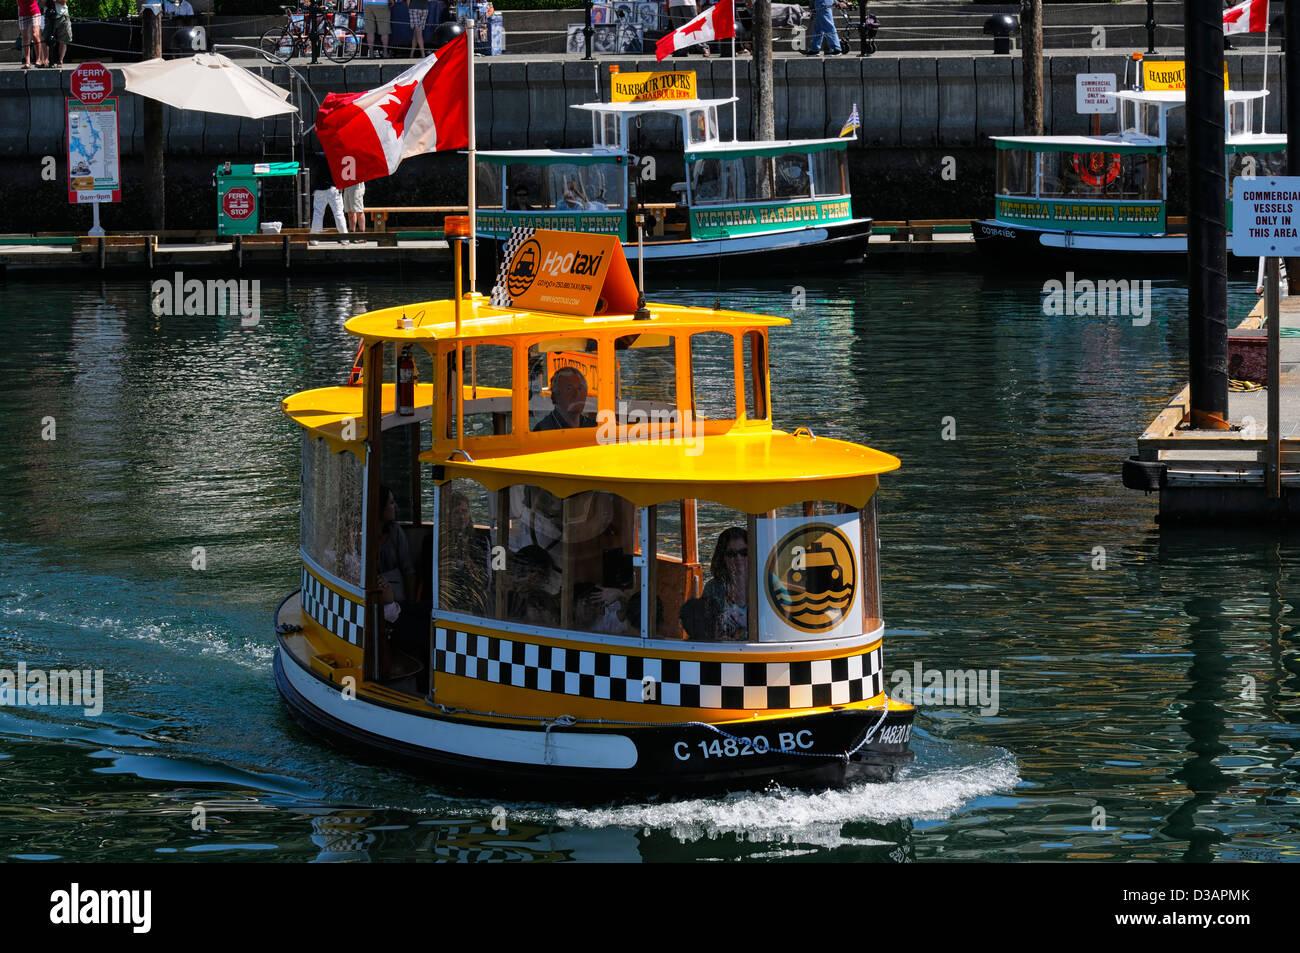 H2O Wasser Taxi Taxi Transport schnelle Tour Fähre Fähren inneren Hafen Victoria Vancouver Island Kanada Stockbild